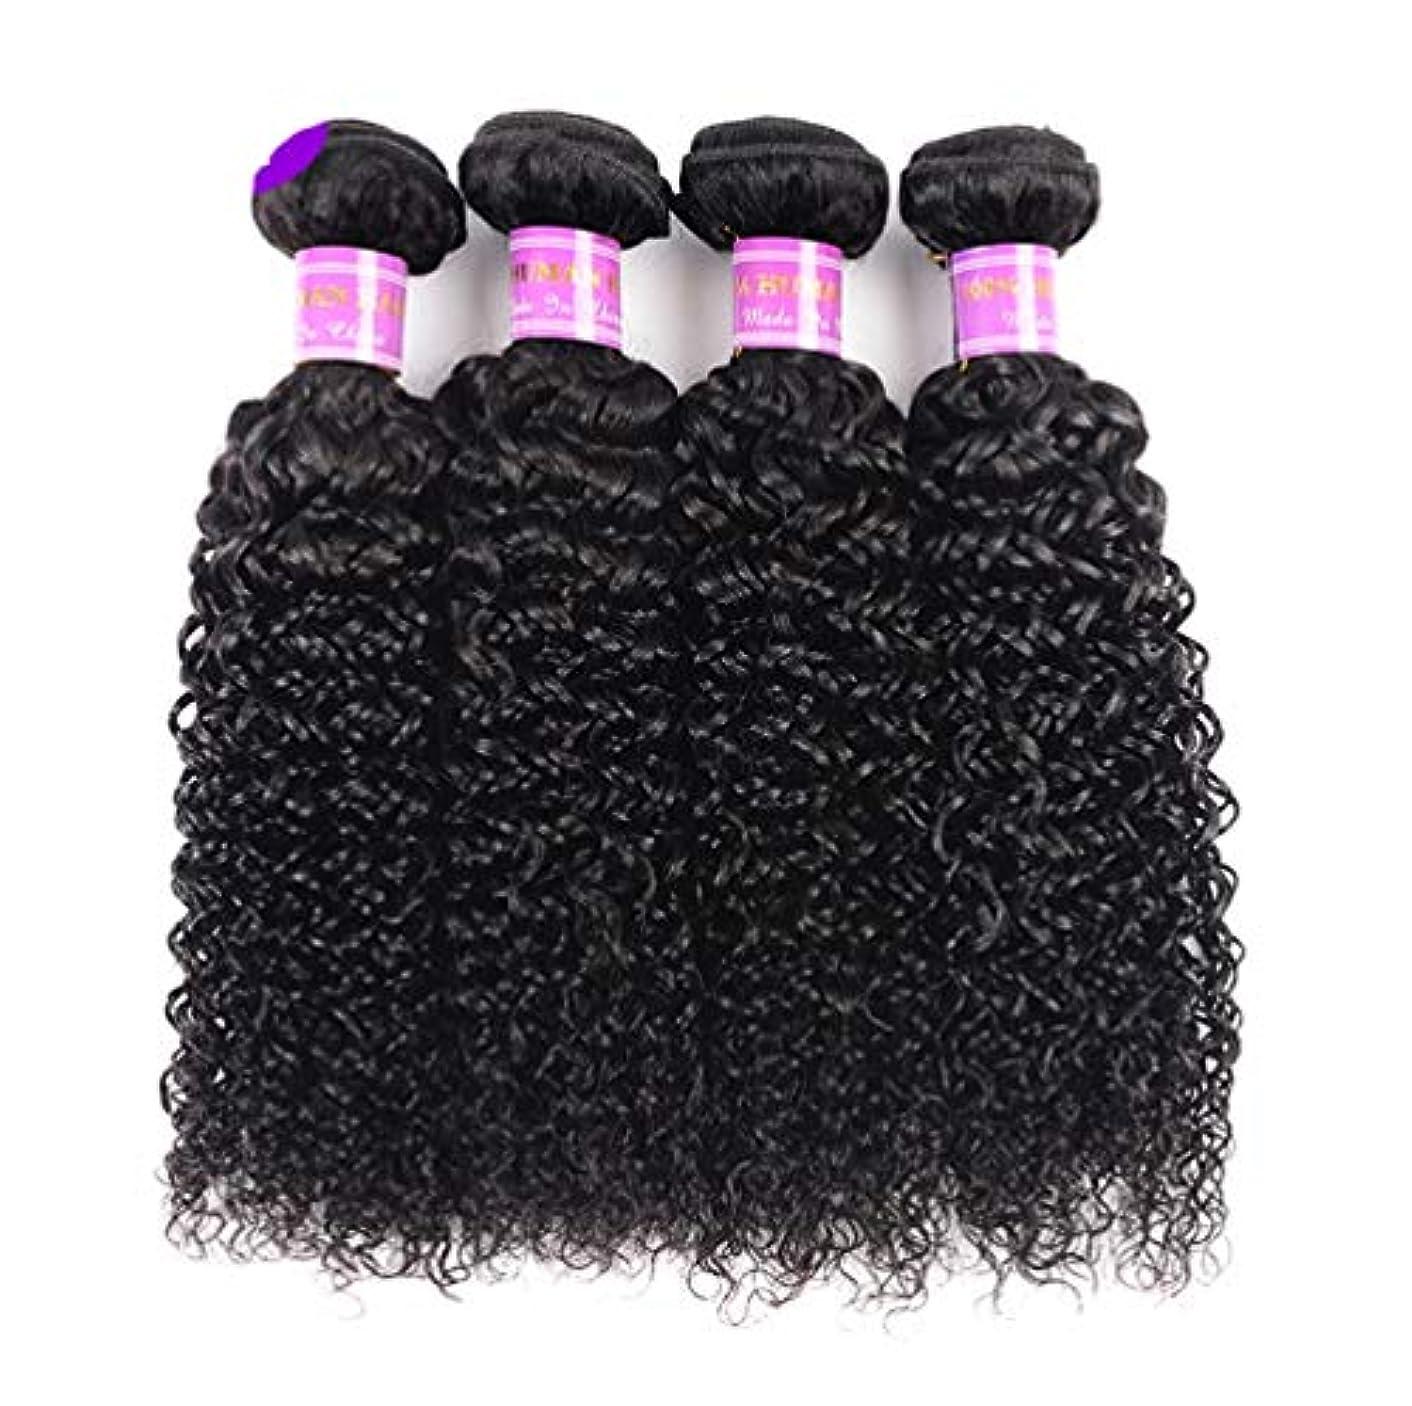 女性の髪織りブラジルのバージン人毛ボディウェーブ100%人毛織りナチュラルブラックカラー(3バンドル)